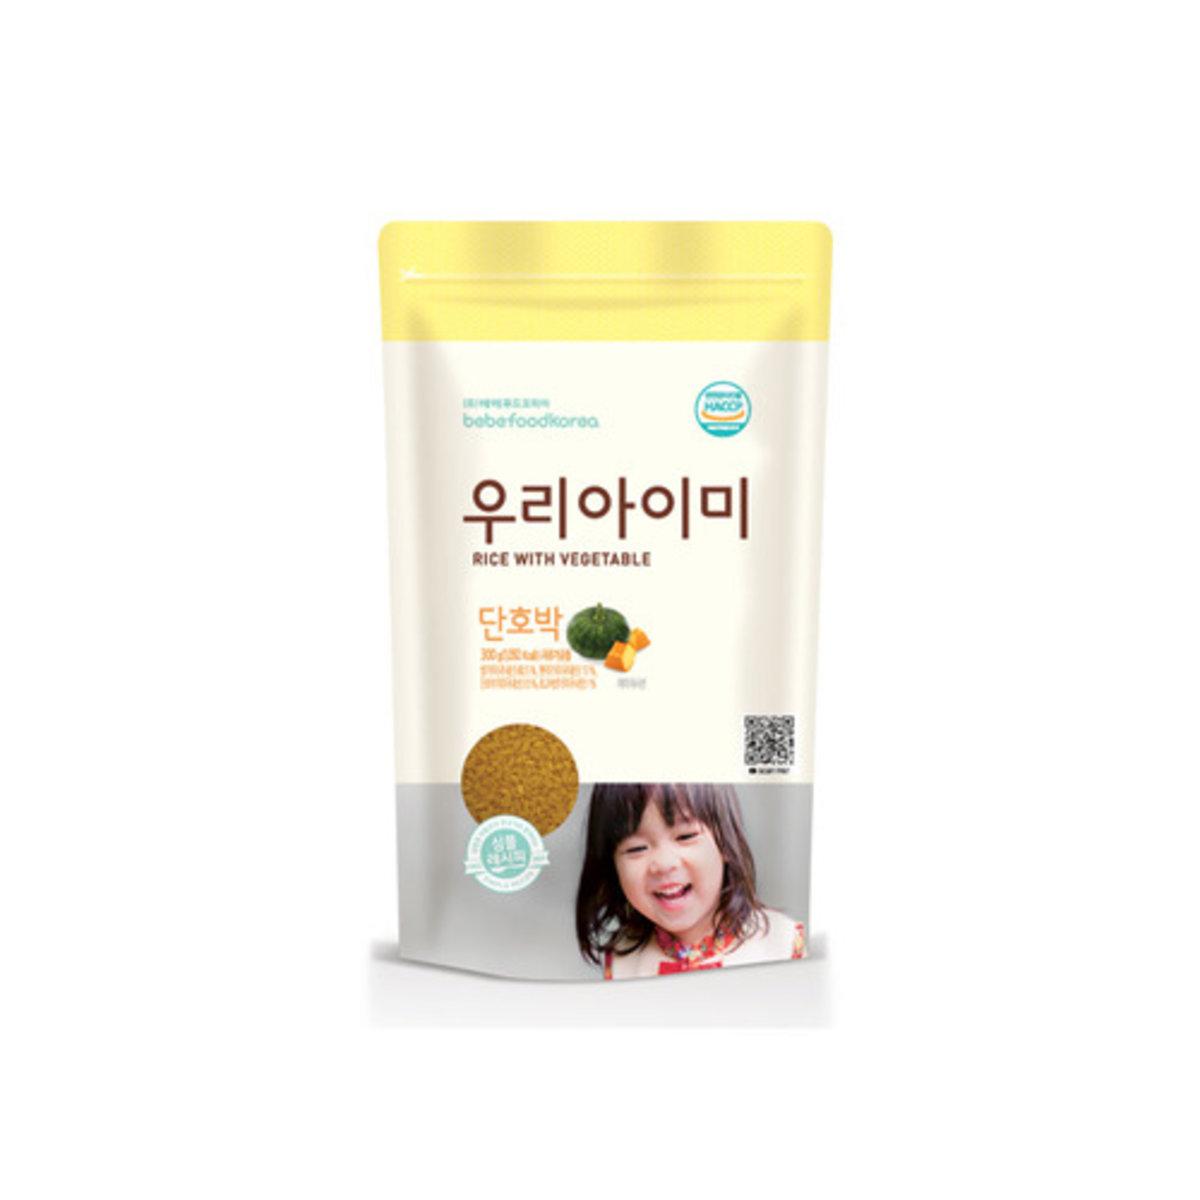 寶寶蔬菜營養米 270g (平行進口)